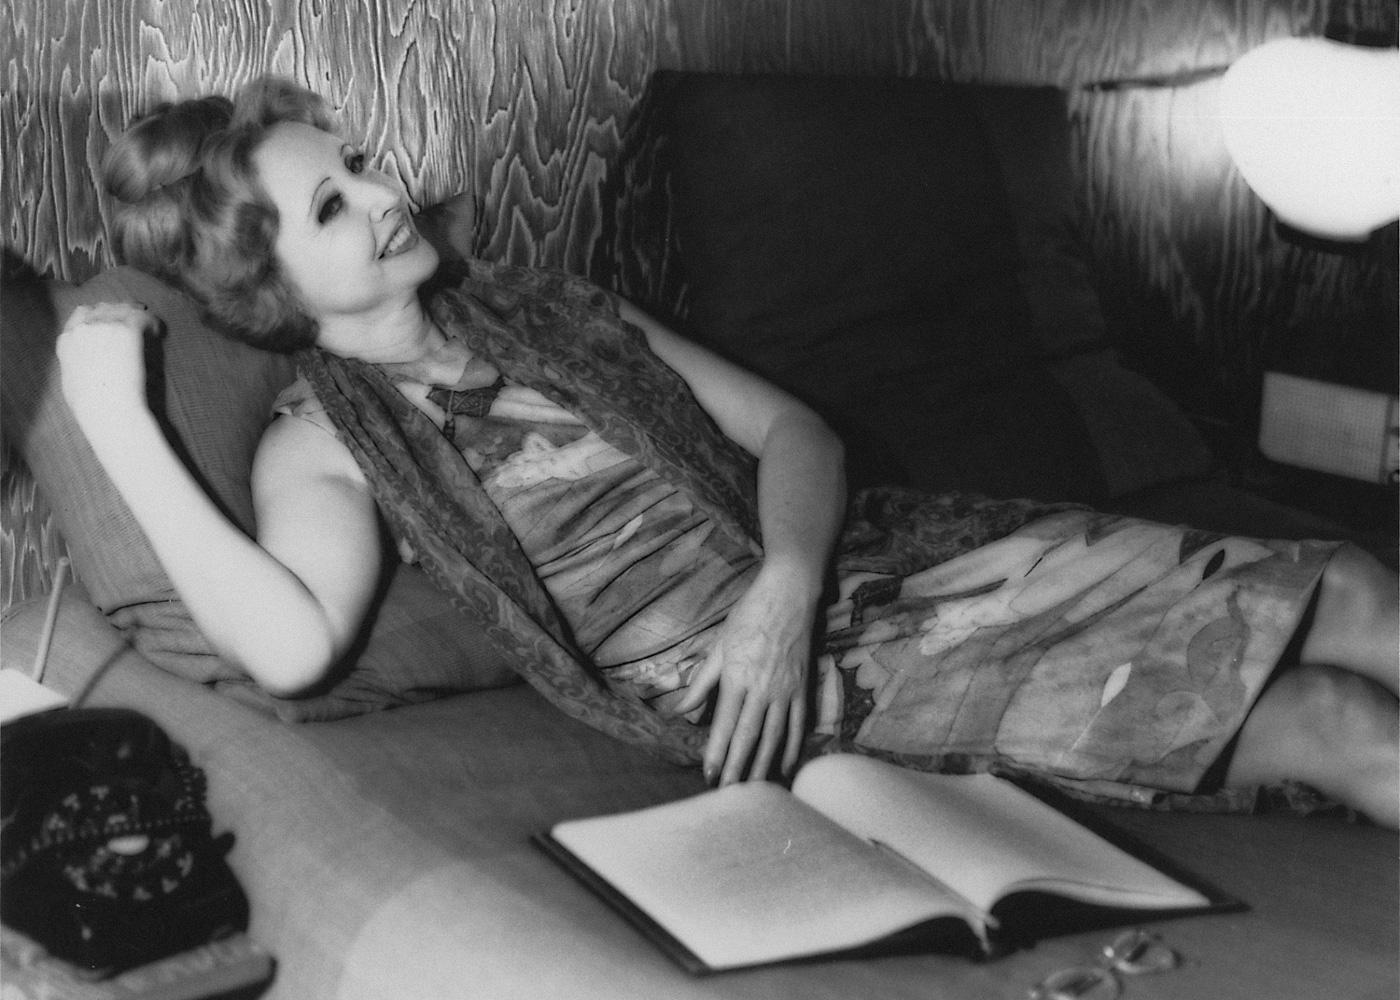 Французская писательница Анаис Нин, автор эротических сборников «Дельта Венеры» и«Маленькие пташки». Одна изпервых женщин наЗападе, которая исследовала эротику как жанр. Фото: theanaisninfoundation.org